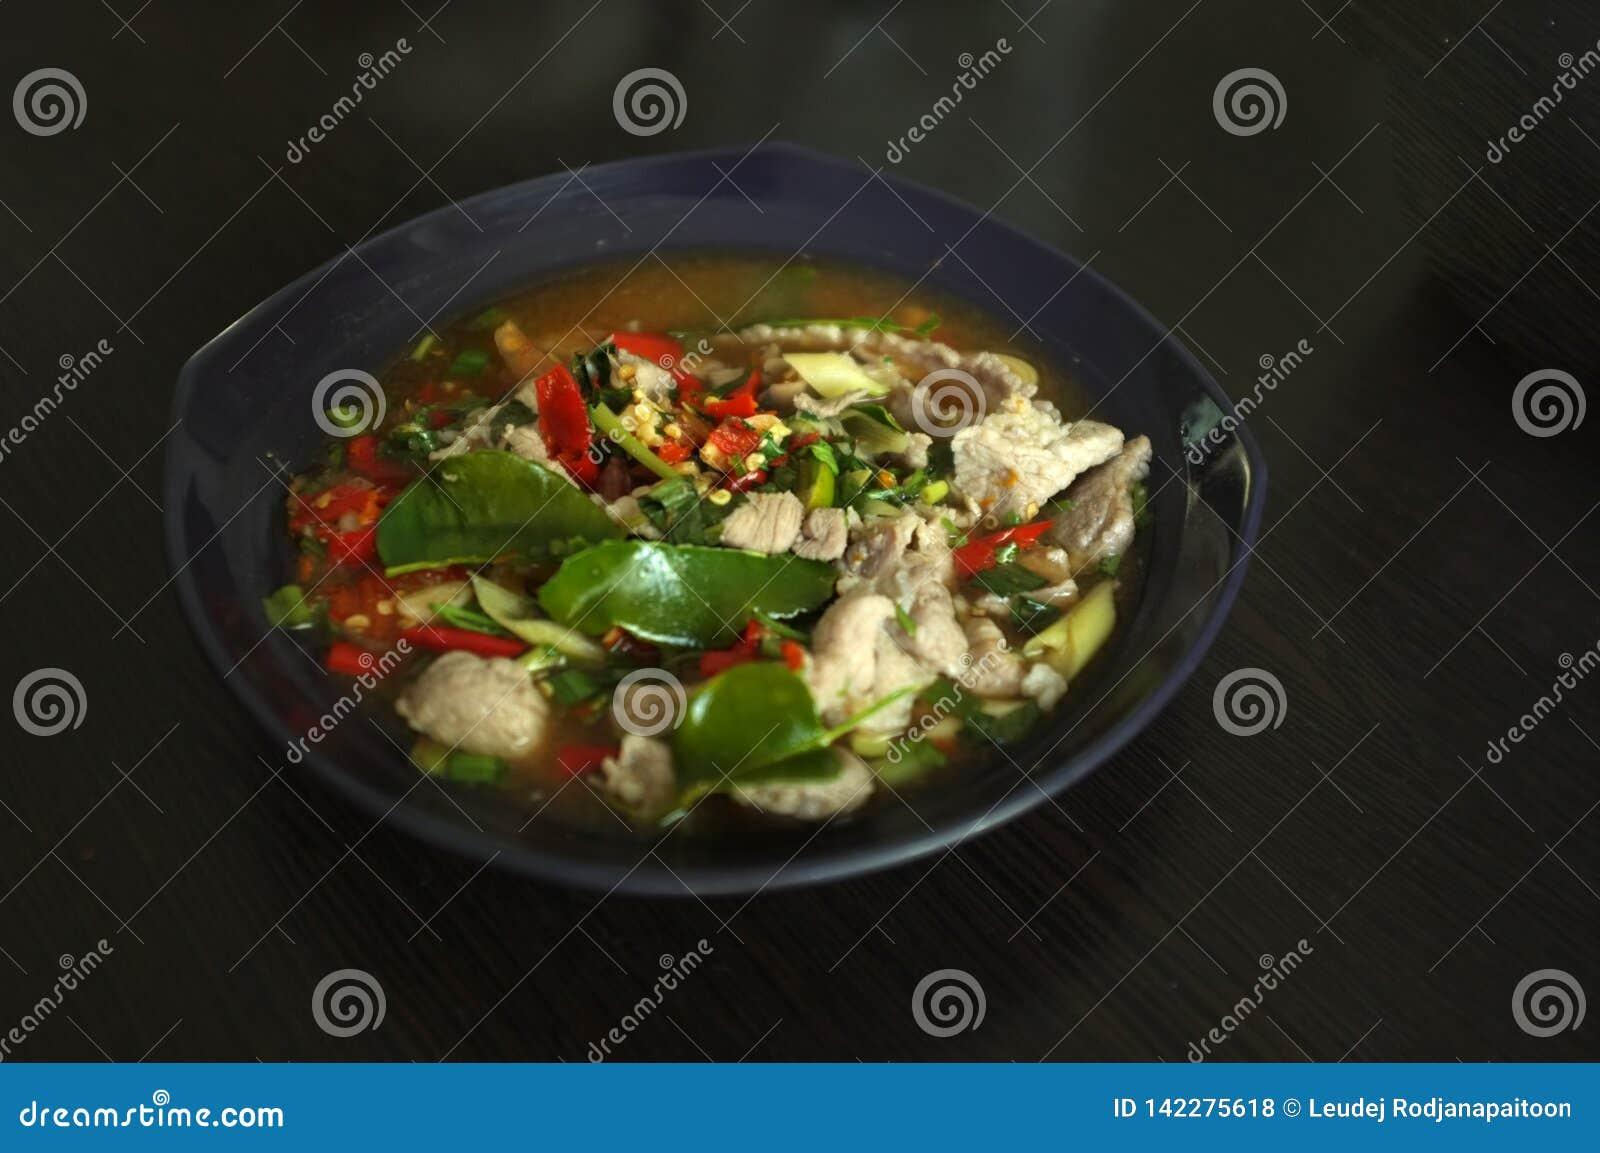 Βρασμένο χοιρινό κρέας με το σκόρδο ασβέστη και τη σάλτσα τσίλι (NAO (Εθνικός Οργανισμός Διαιτησίας) μουγκρητού μΑ